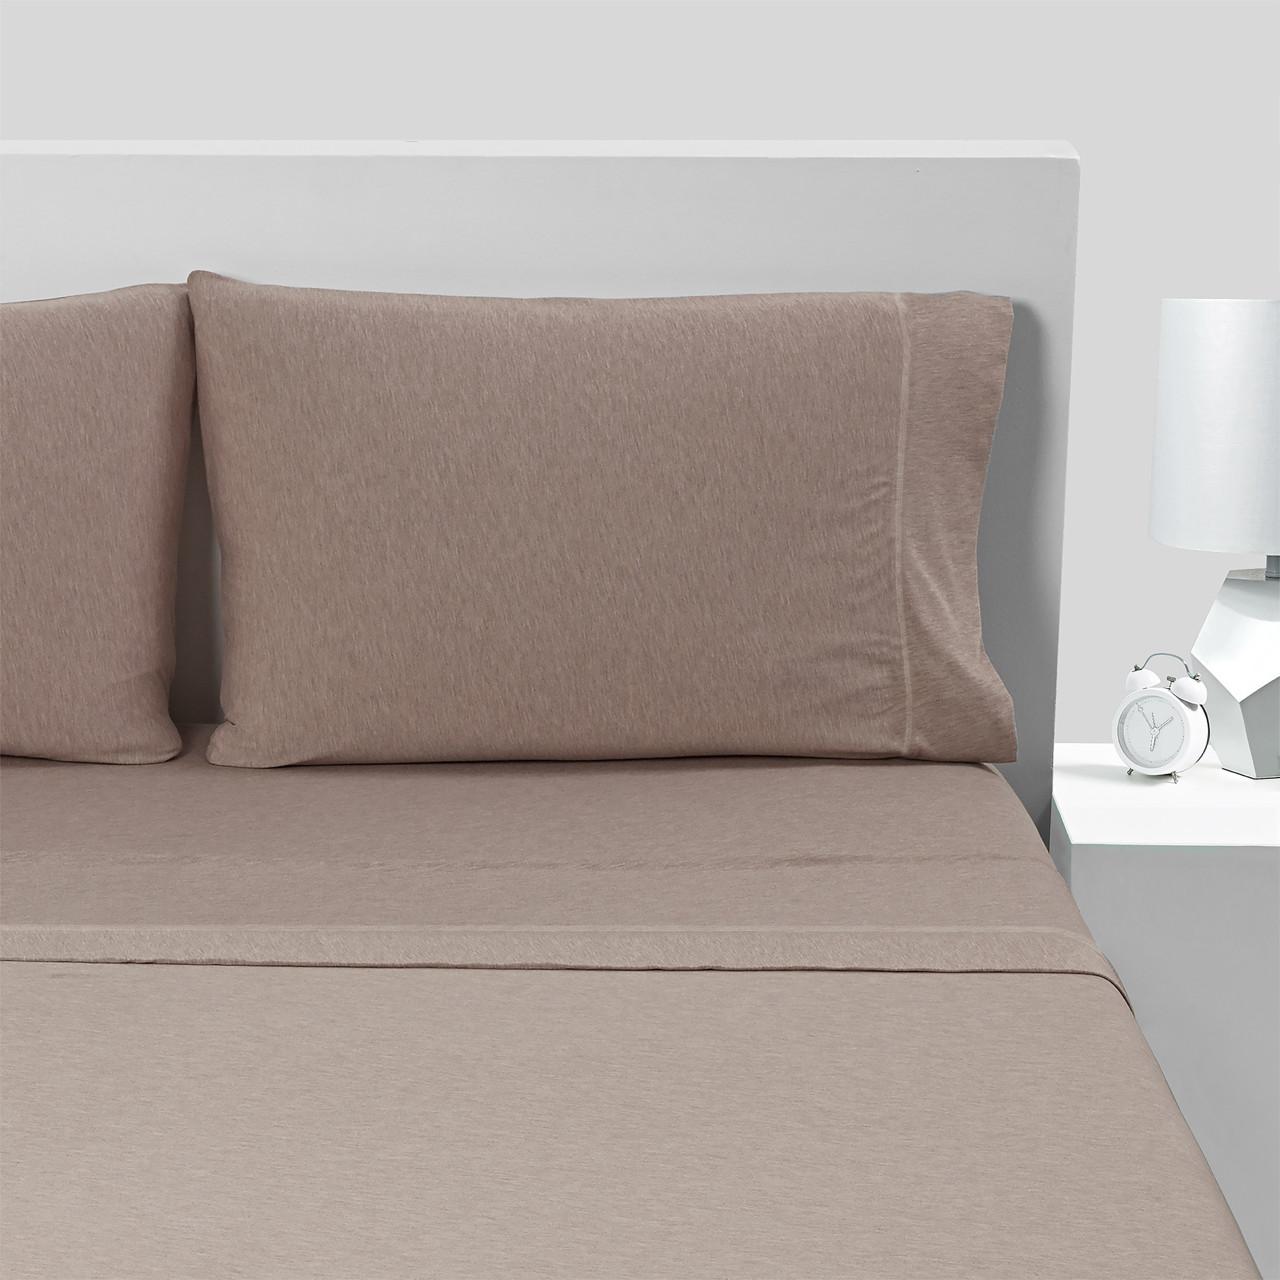 Bedgear Hyper-Wool Technology Performance Wool Sheet Set - Oatmeal - King - BGS28AMA4FK, 814874028769